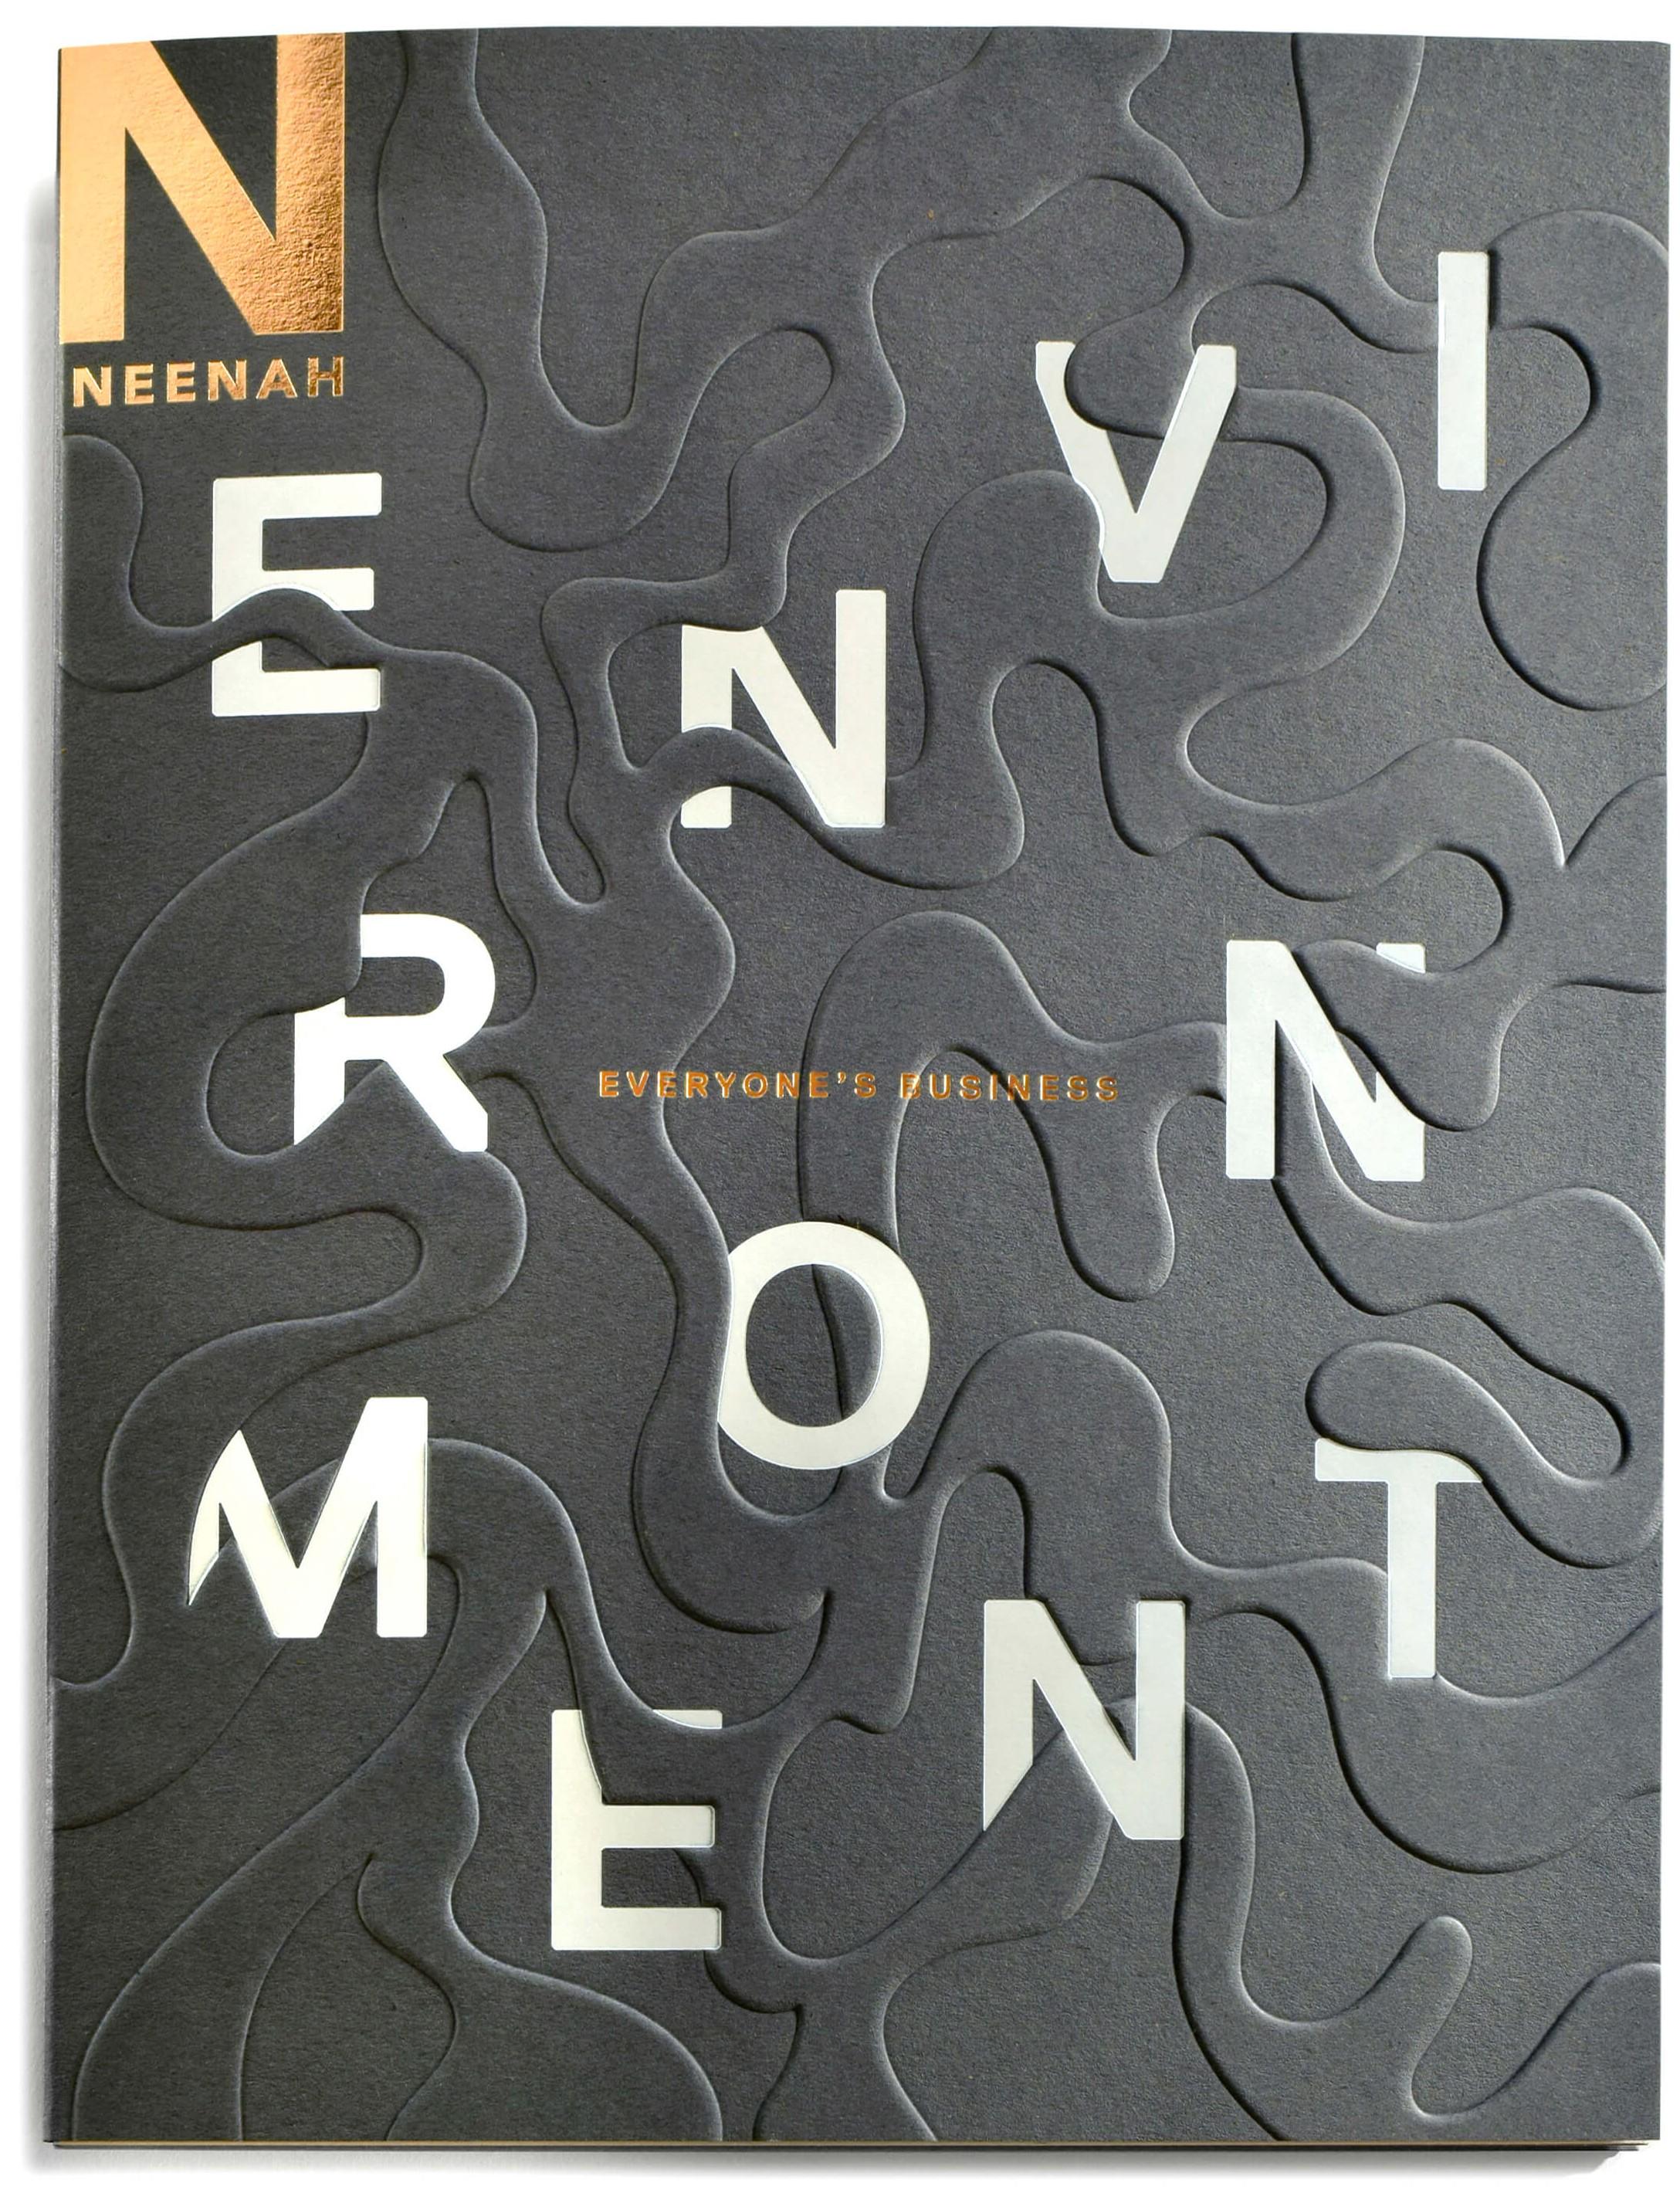 Neenah Environment